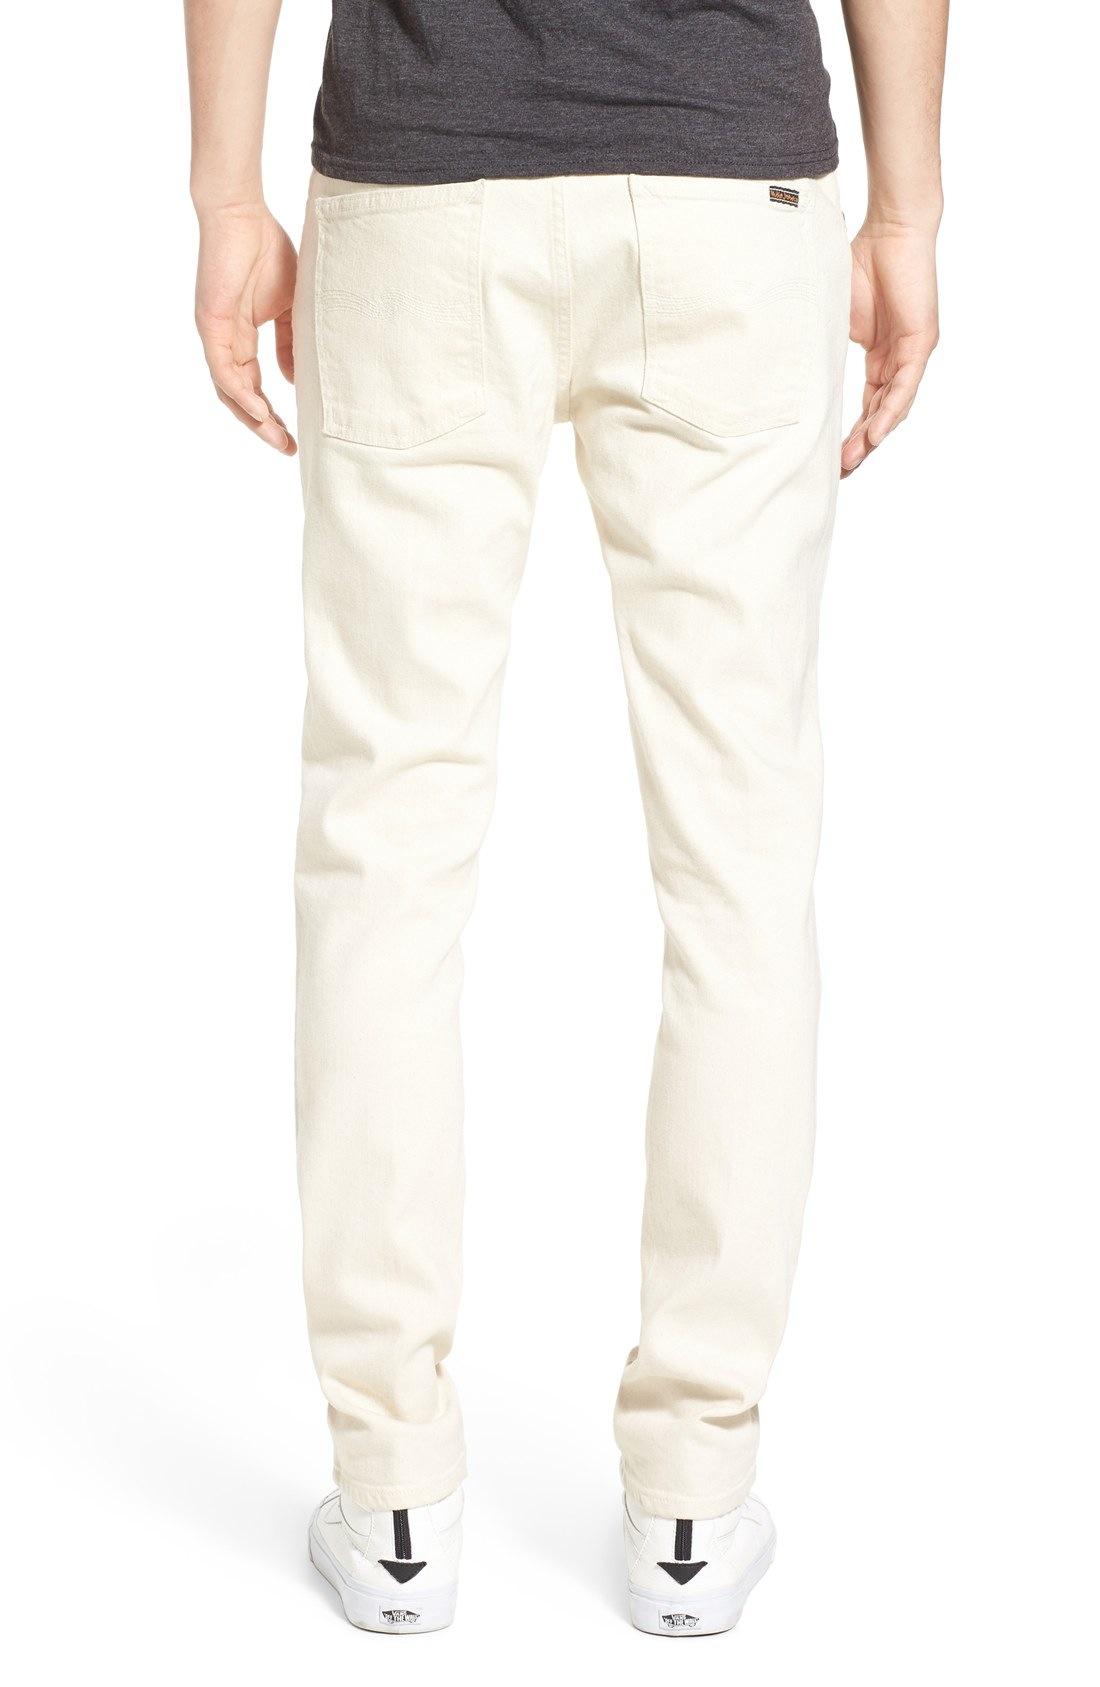 The-Nudie-Lean-Dean-skinny-fit-jeans-Ecrue-1